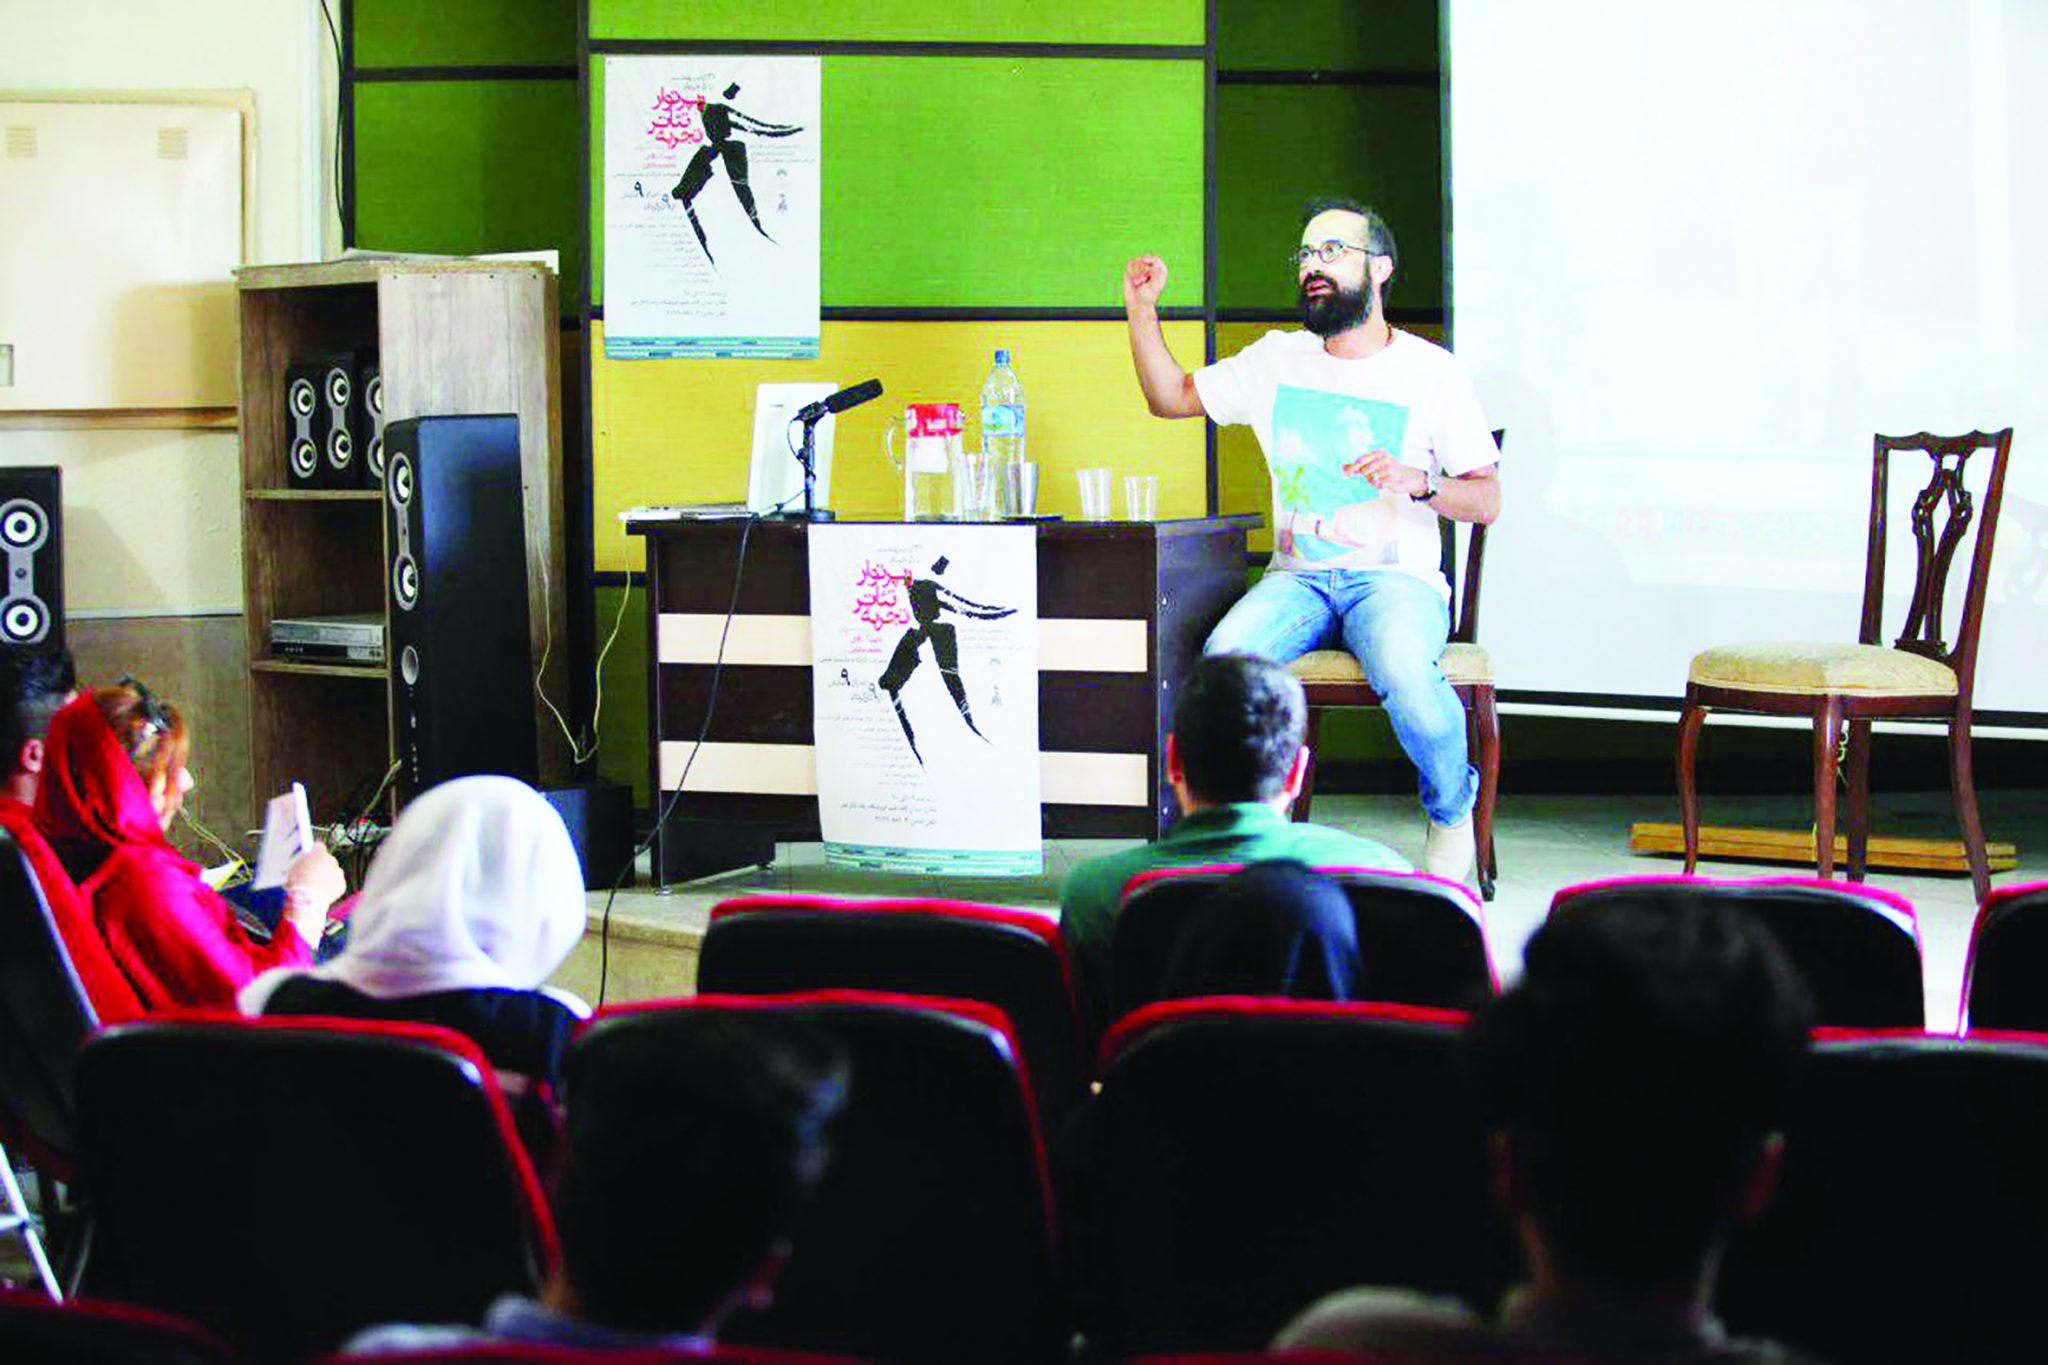 بازیگر، برده کارگردان نیست / در کارگاه هرمنوتیک در تالار هنر اصفهان چه گذشت